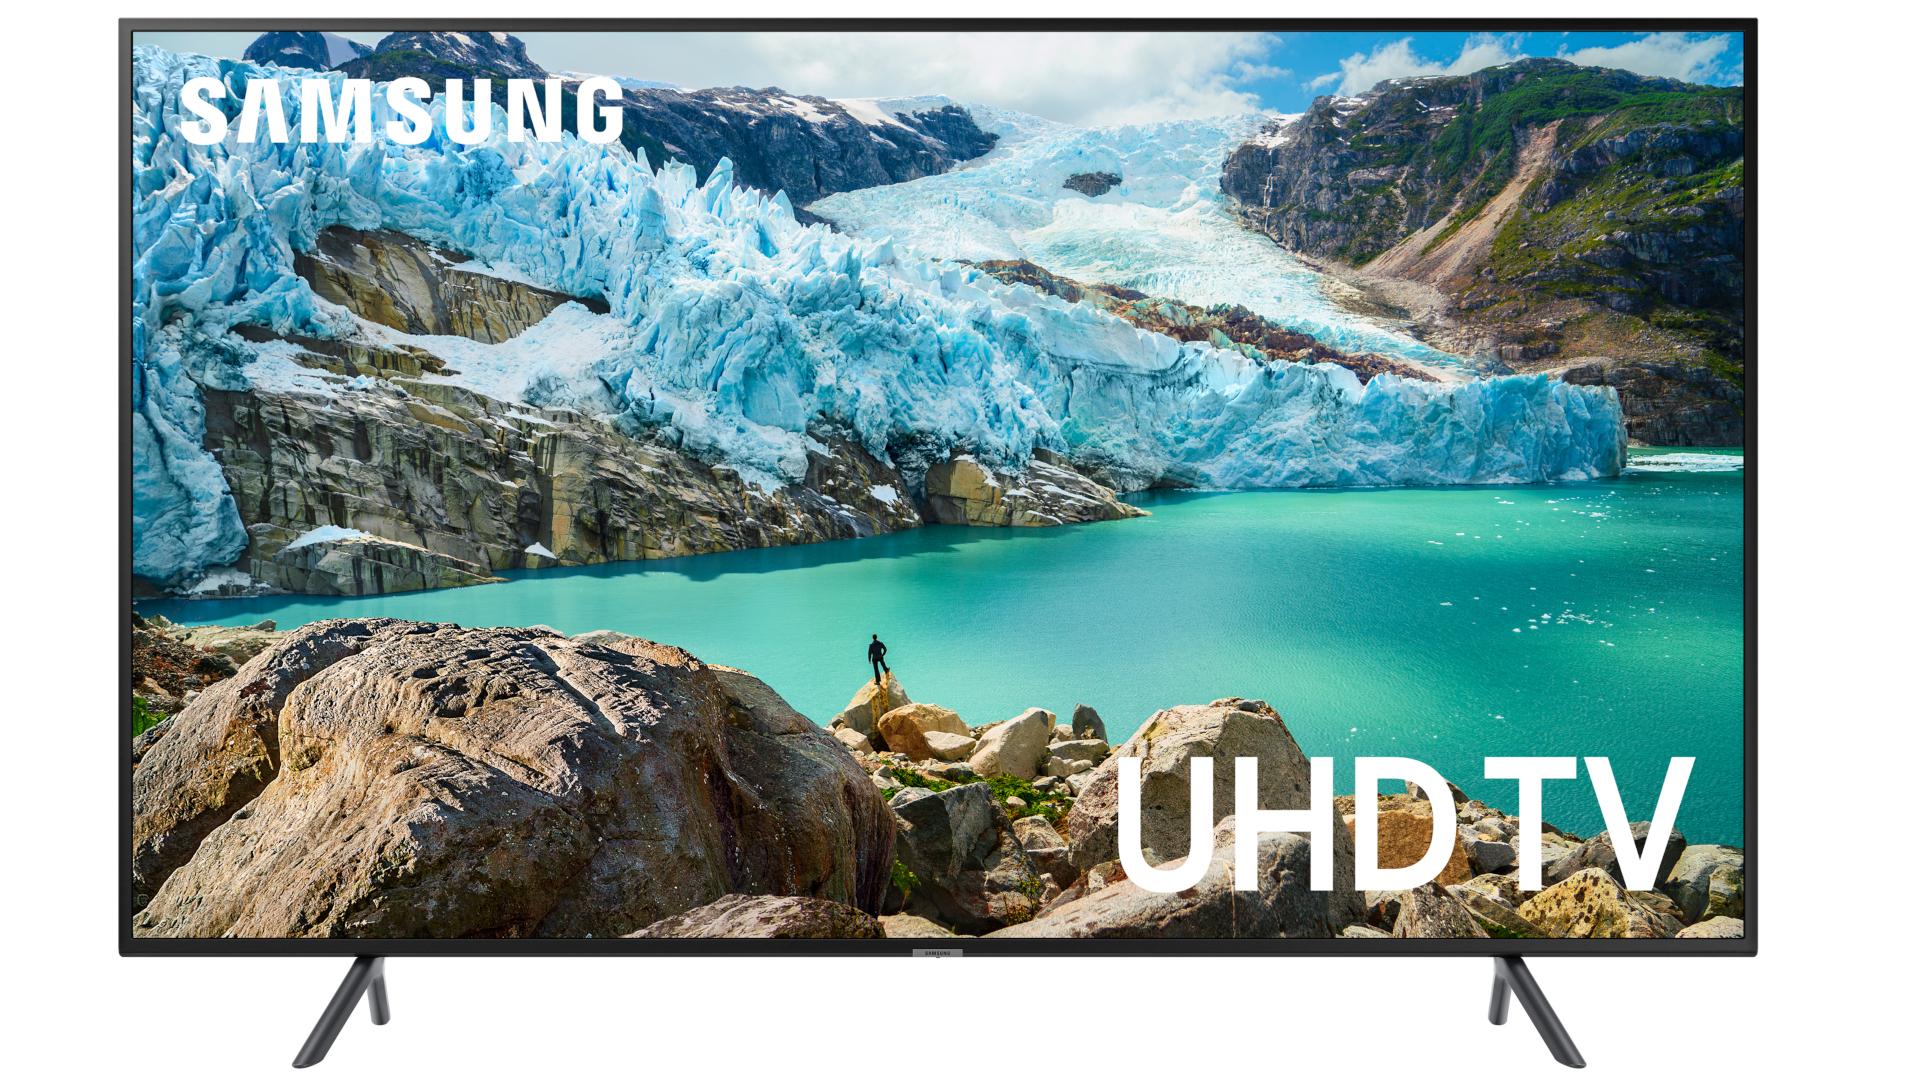 Samsung TV 2020: každý nový QLED a LED televízor Samsung prichádza tento rok 17